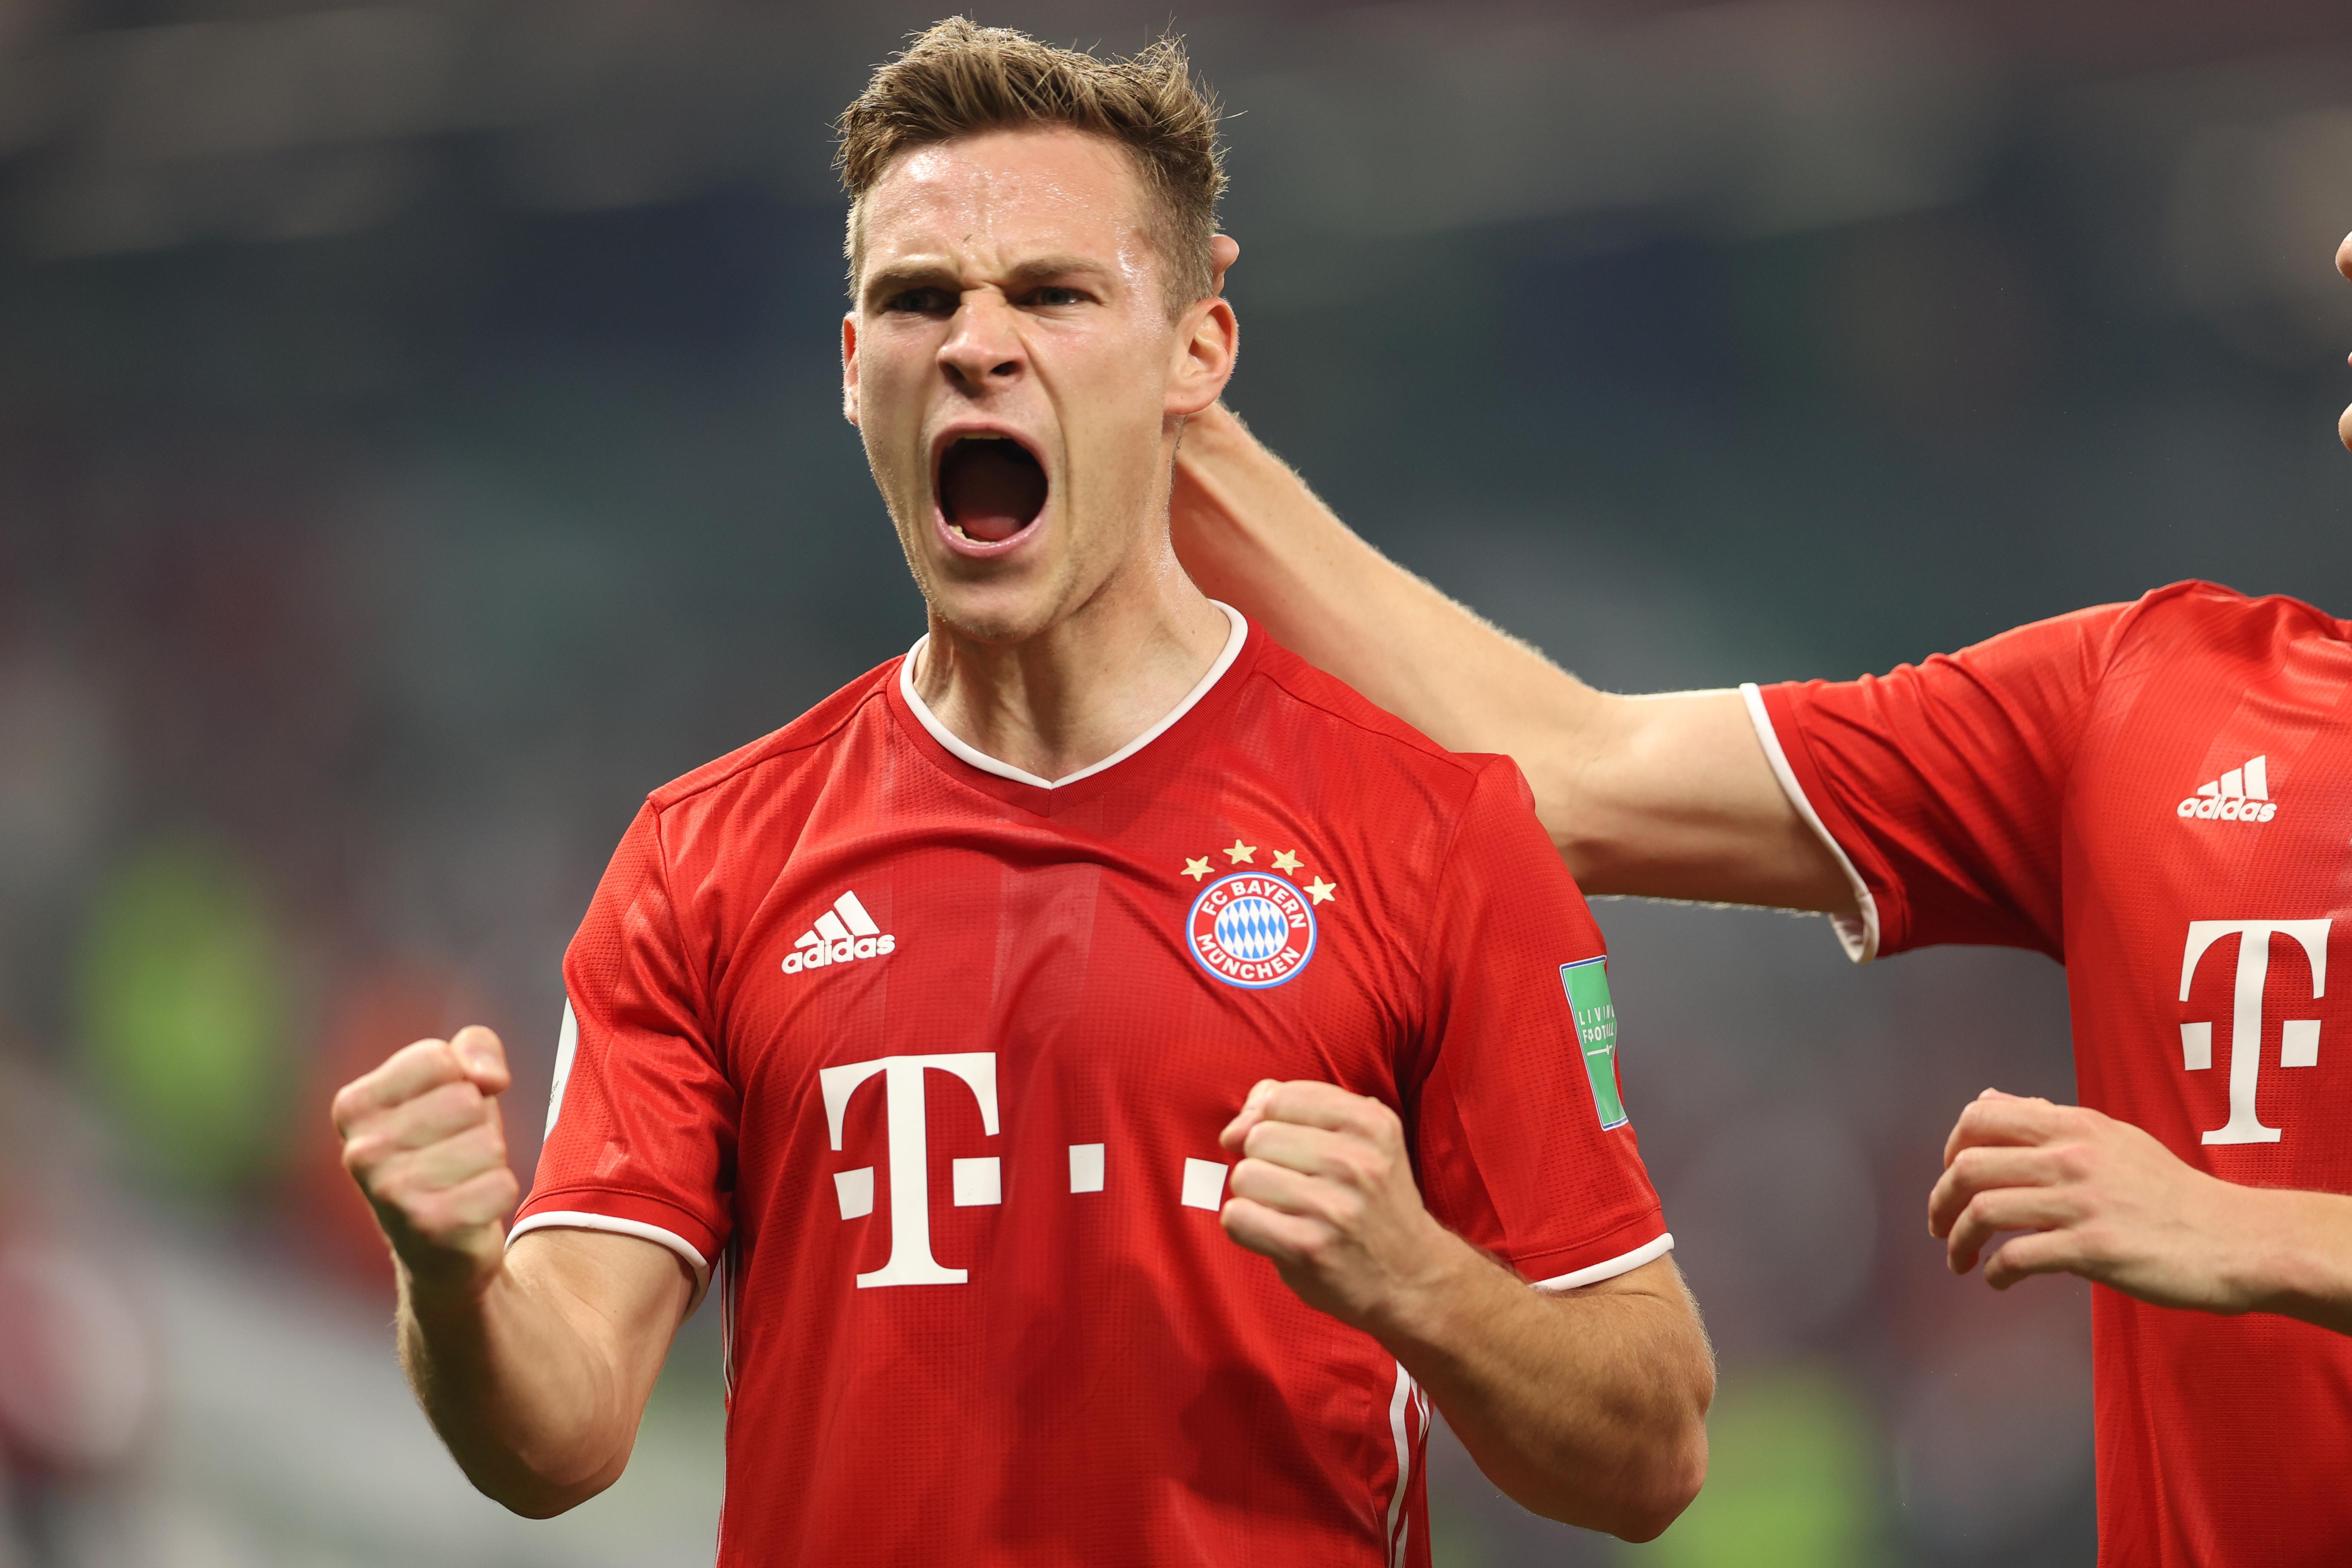 Joshua Kimmich del Bayern Múnich celebra el primer gol que luego es anulado por el VAR. Estadio Ciudad de la Educación en Rayán, Catar.